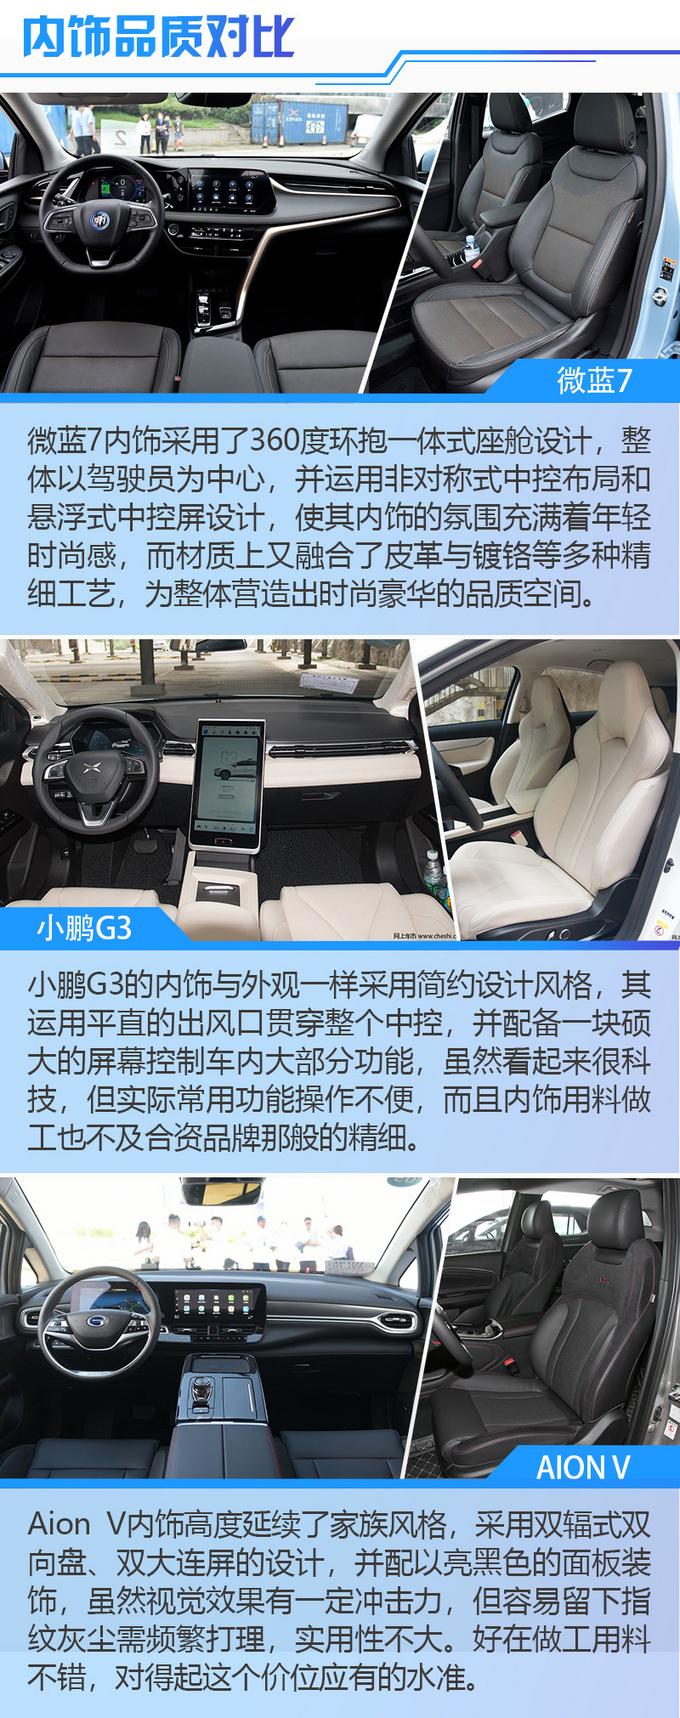 15万买长续航电动SUV 合资品质与自主翘楚同价你买谁-图7